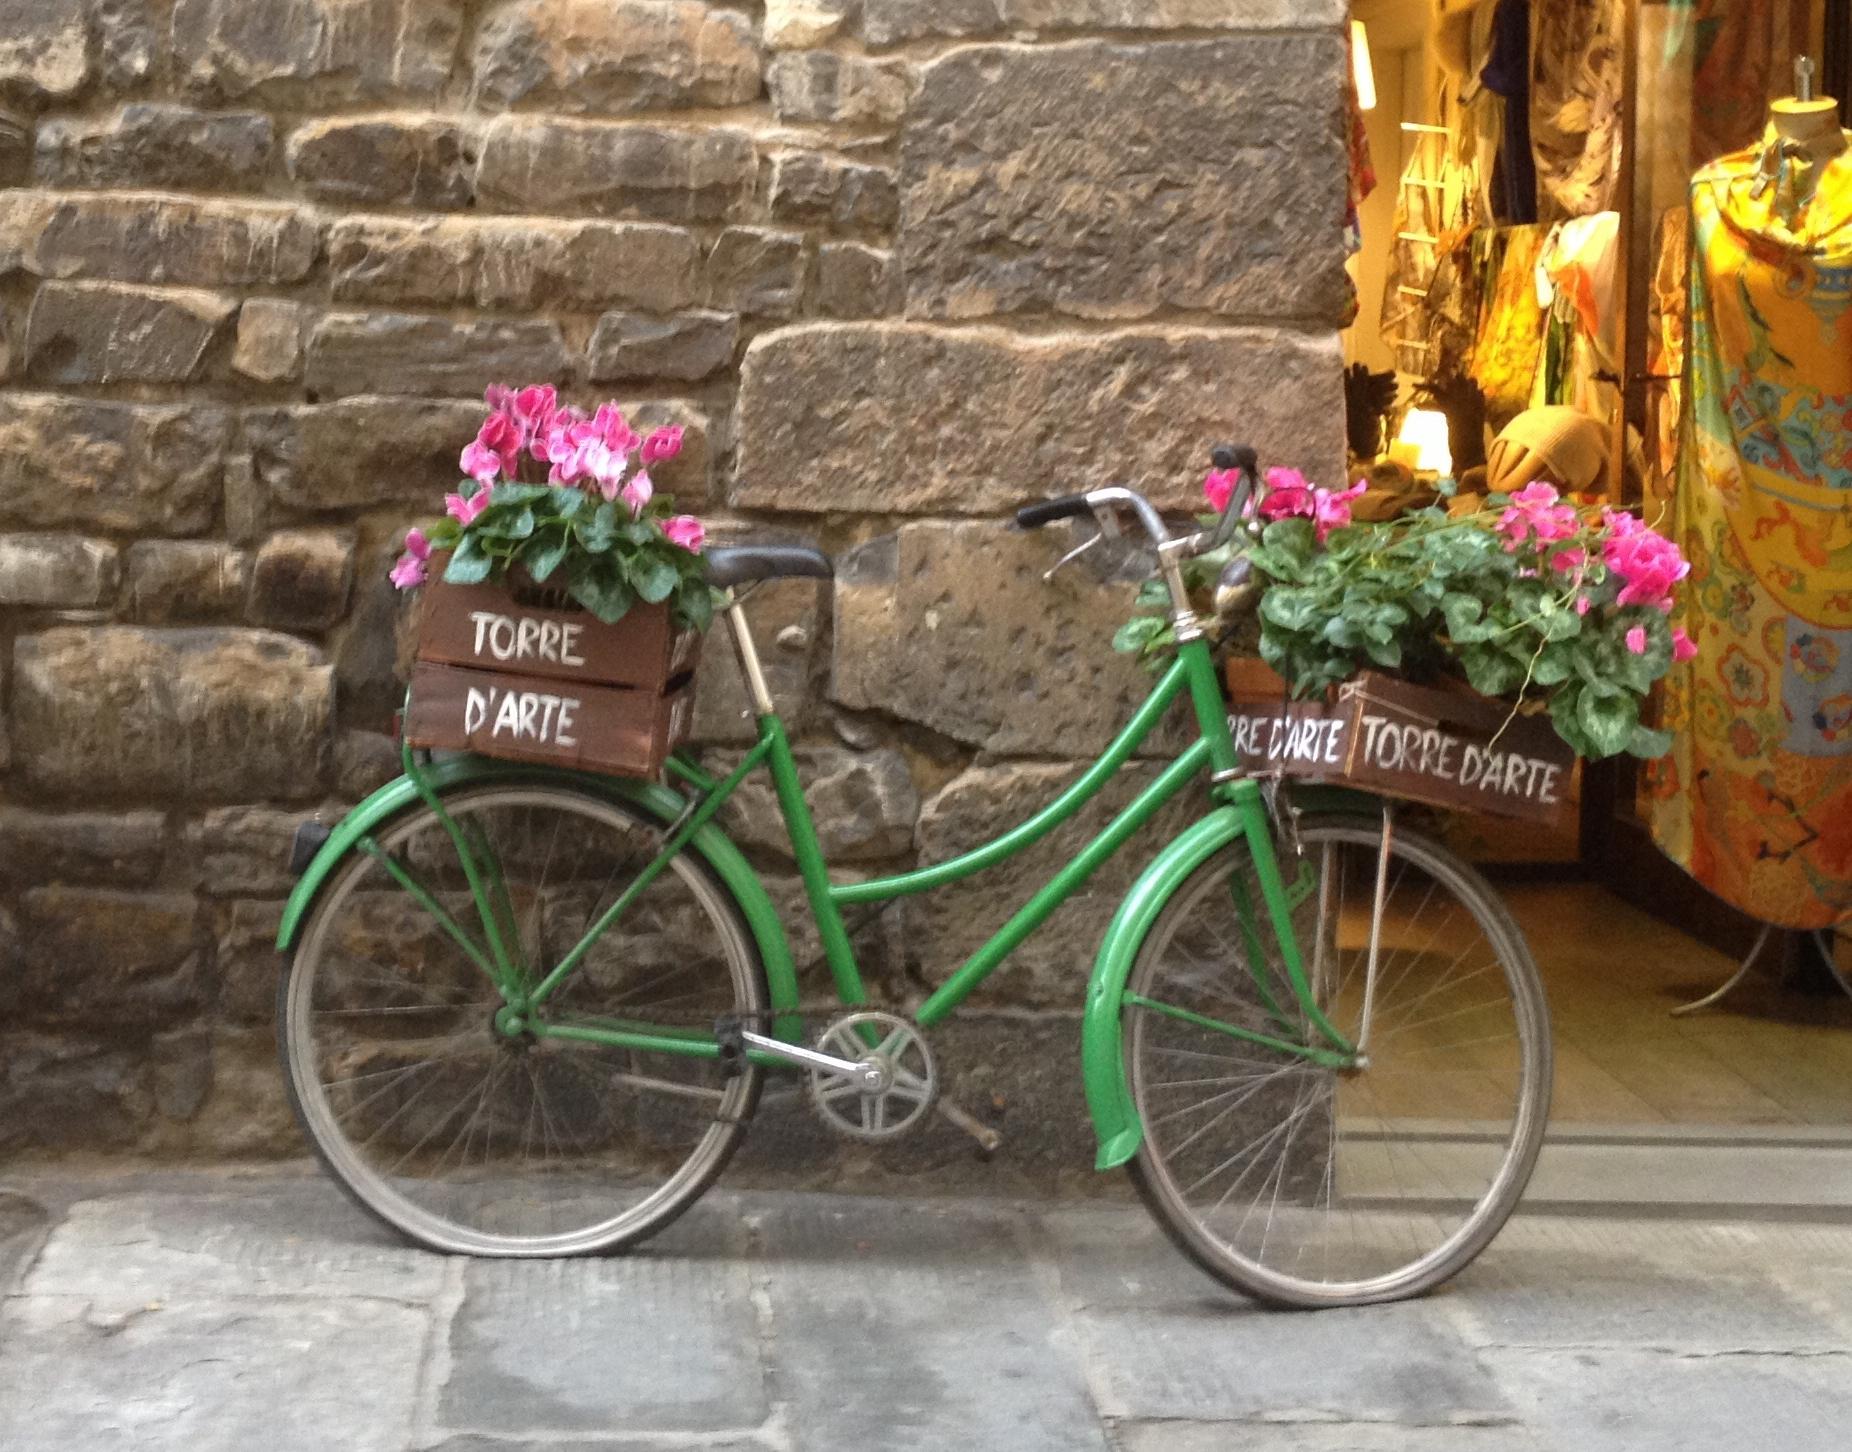 Este método de transporte está tan identificado con la ciudad de Florencia que lo usan como diseño en camisetas, como decoración, como visual en postales y muchos hoteles las ofrecen para uso de sus huéspedes. Foto: Bruny Nieves